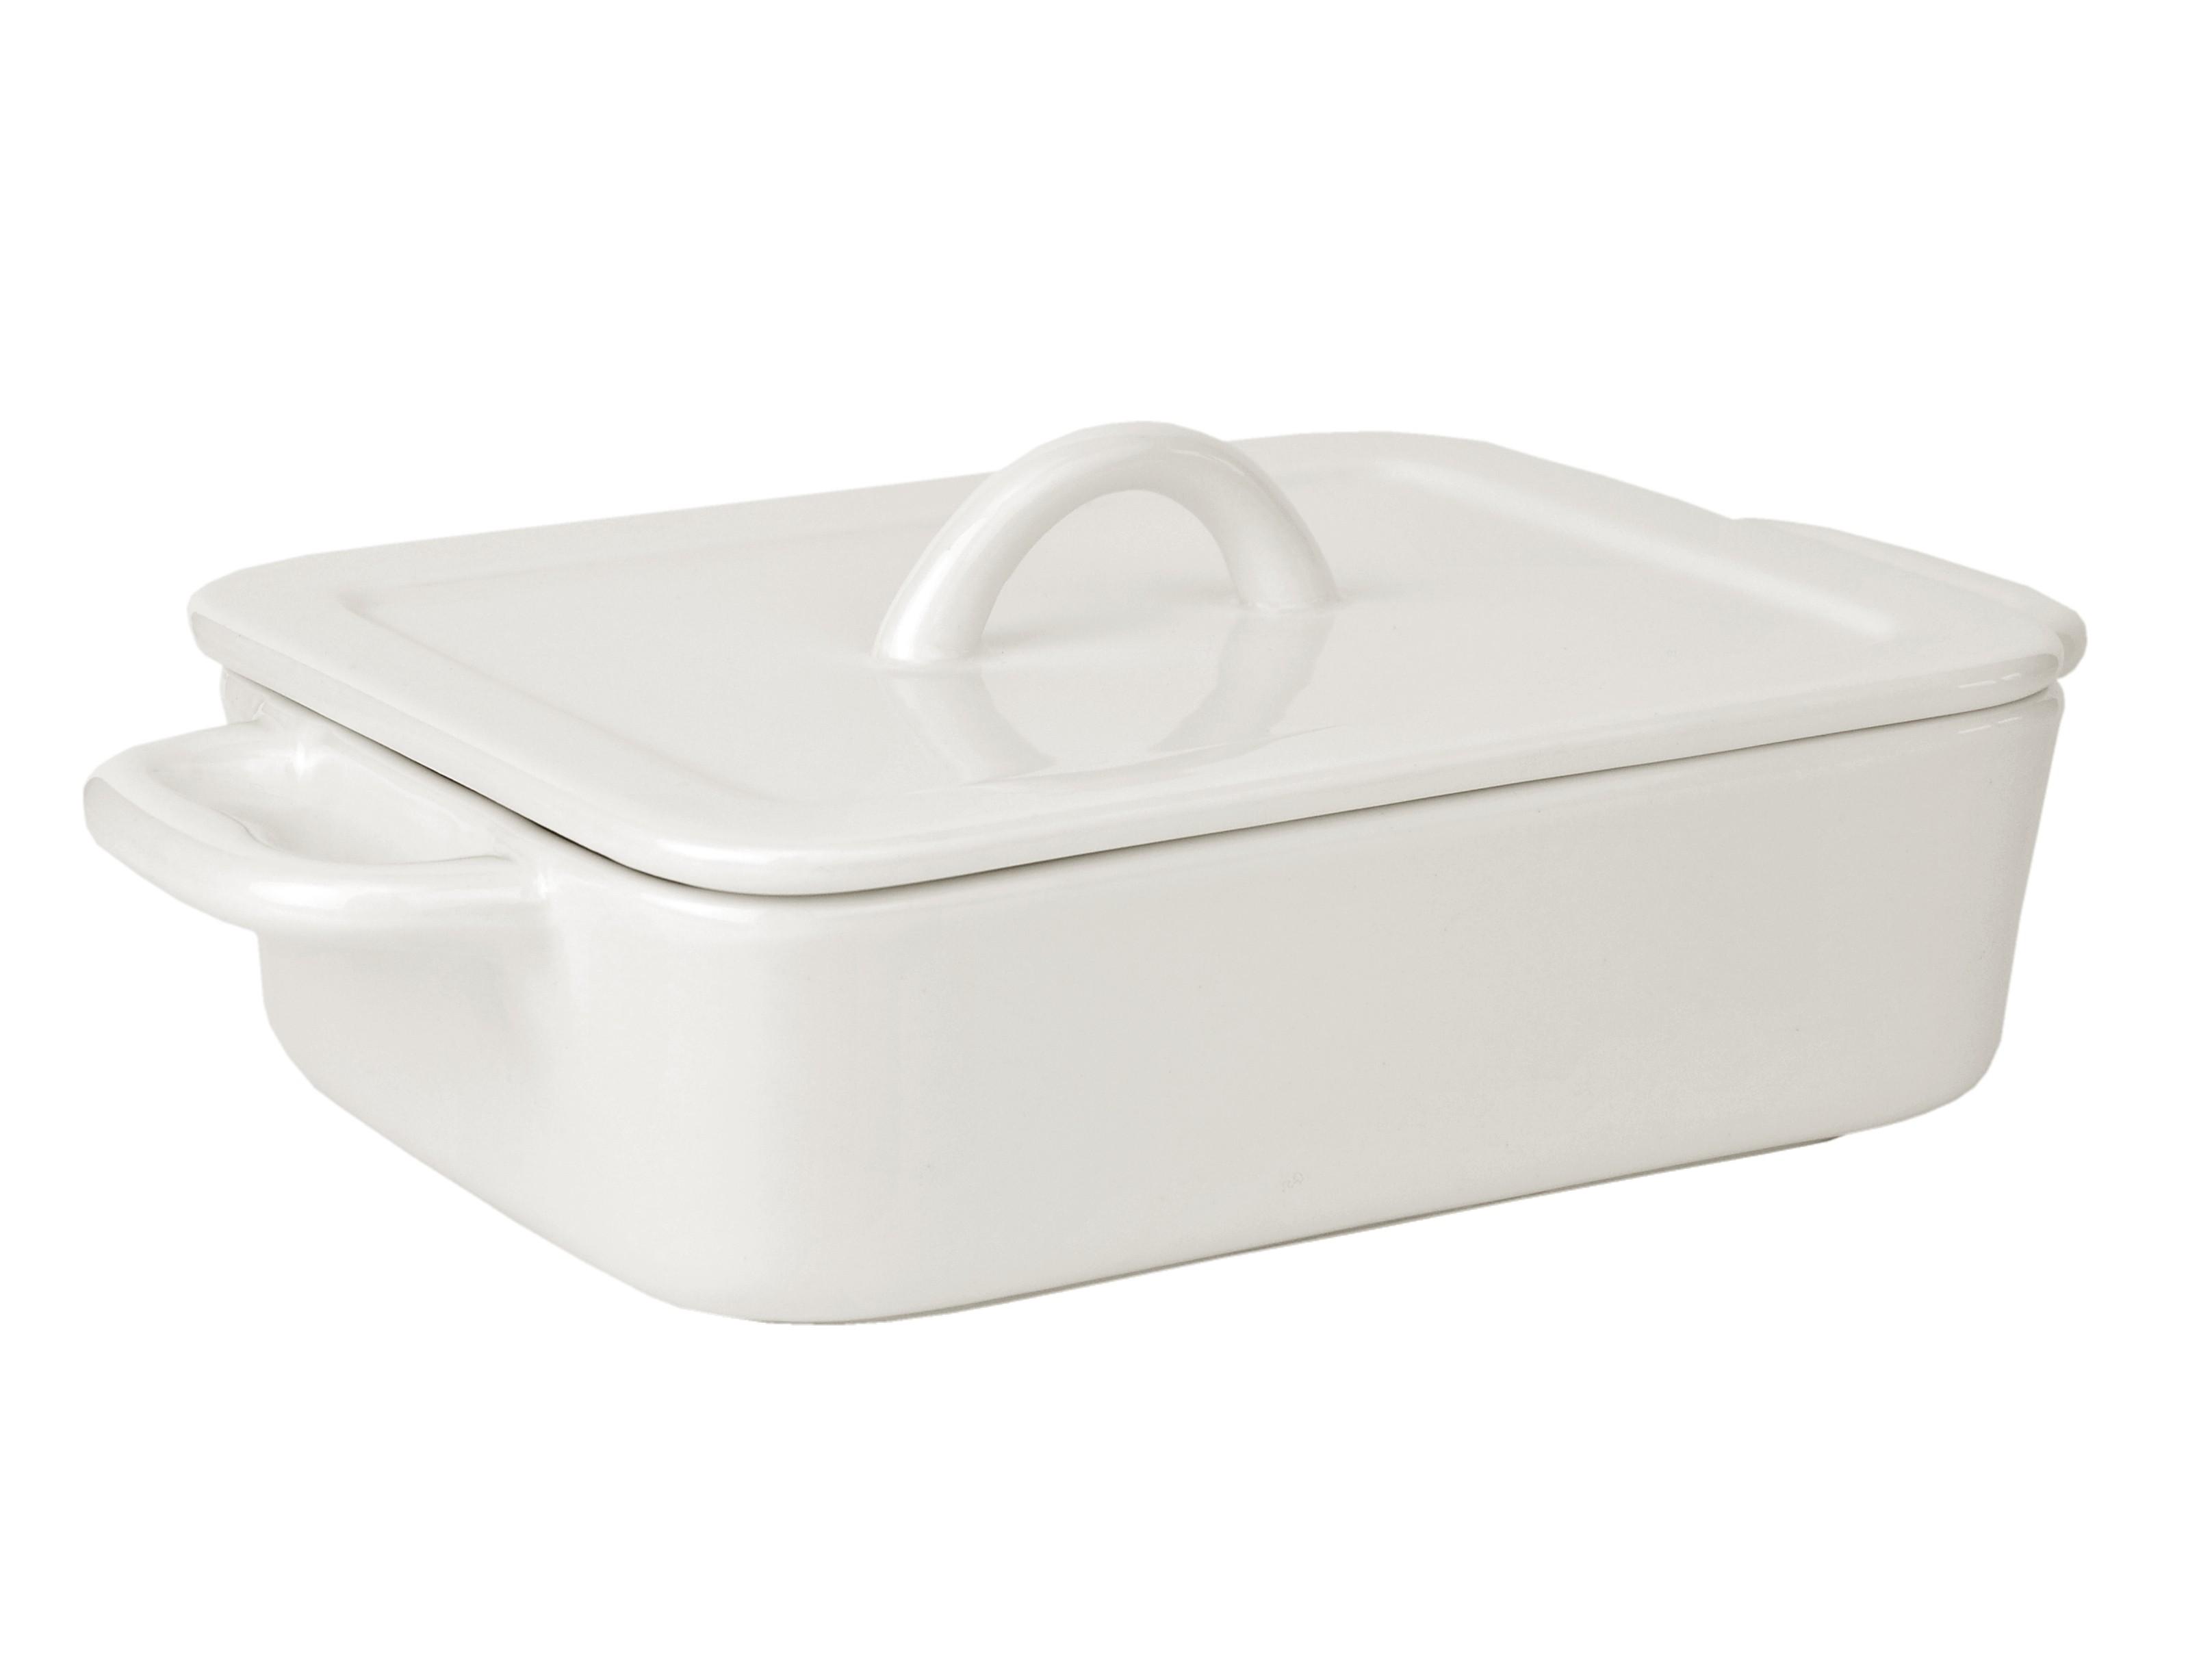 auflaufform mit deckel eckig 22 cm la porcellana bianca p500250122 porzellan erg nzungsteile. Black Bedroom Furniture Sets. Home Design Ideas